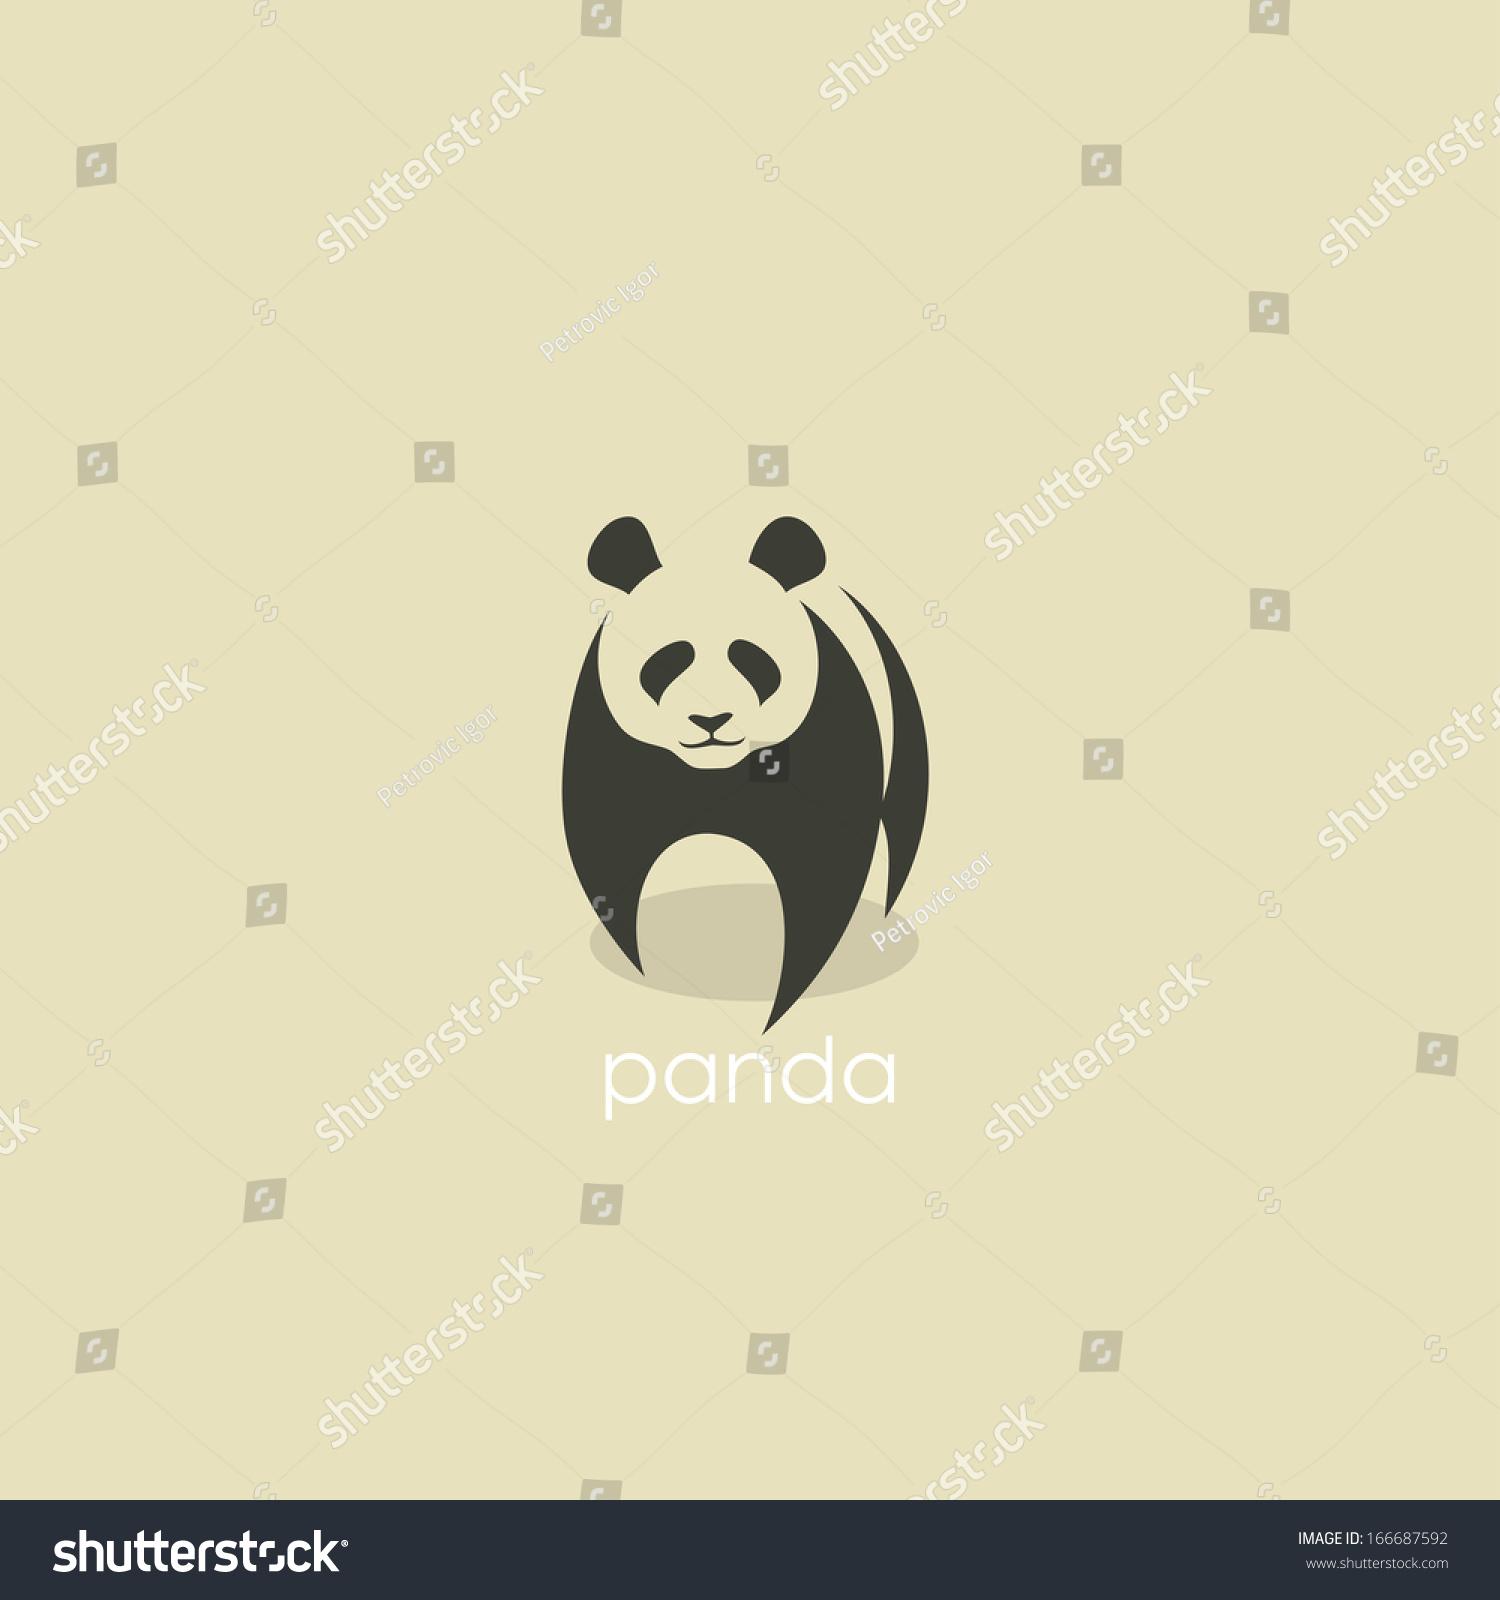 熊猫象征——矢量插图-动物/野生生物,符号/标志-海洛